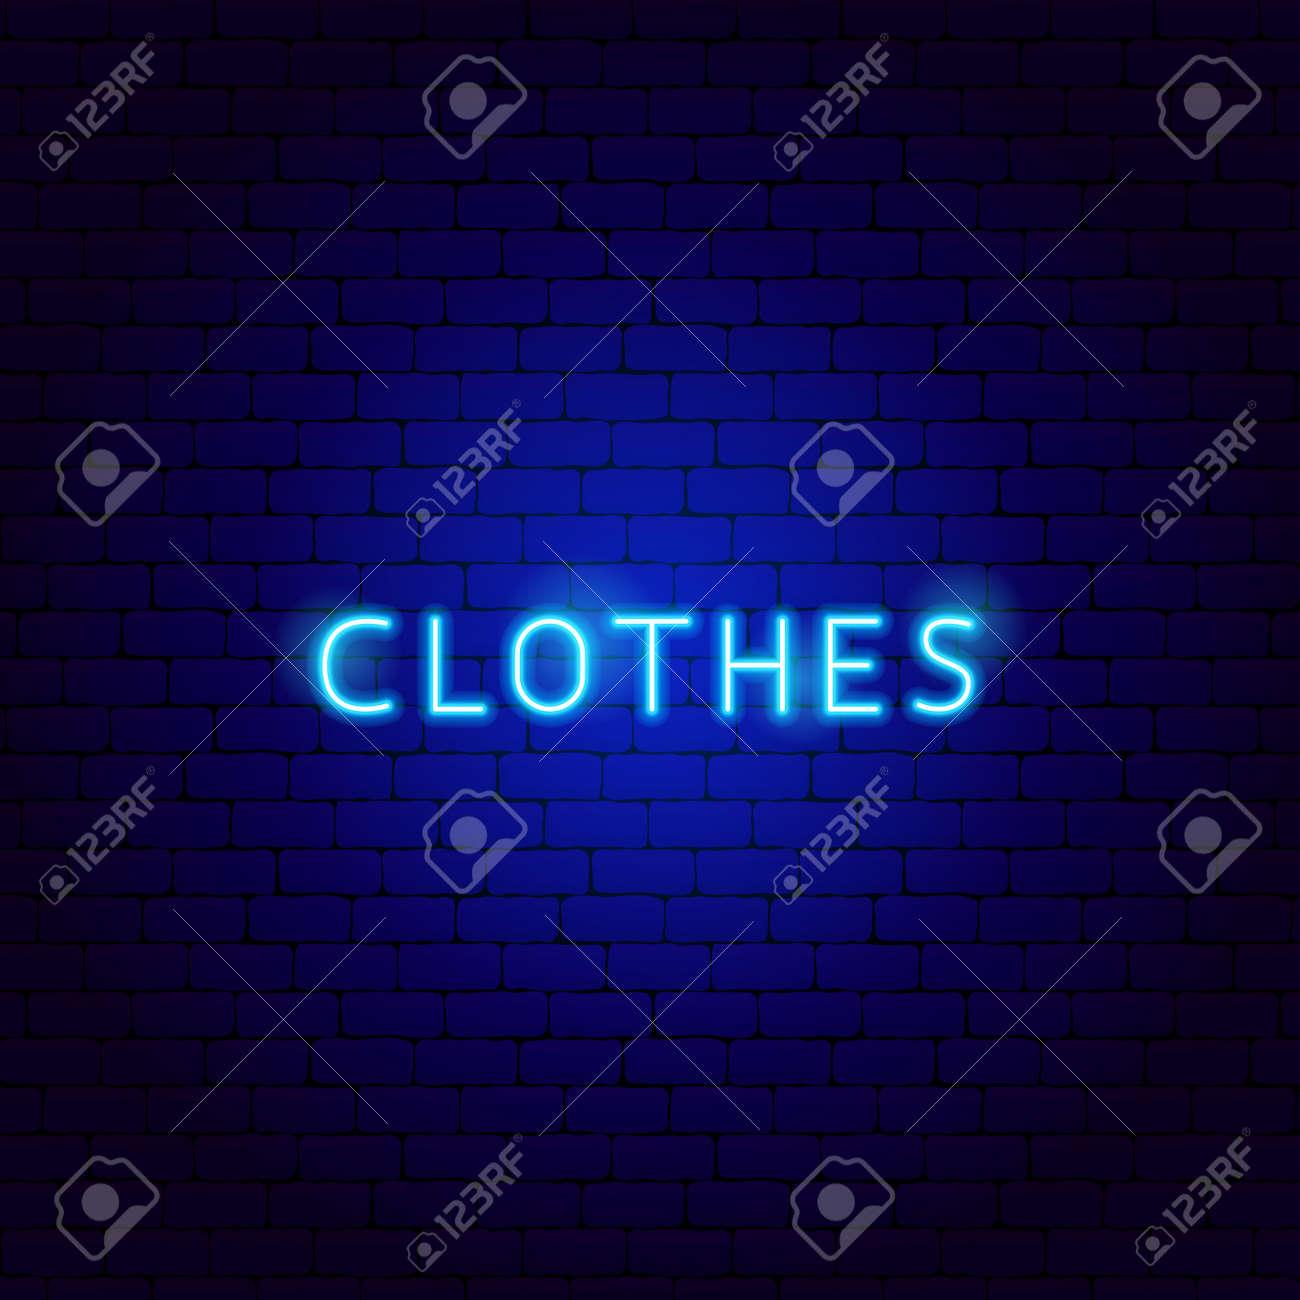 Clothes Neon Text - 168963181